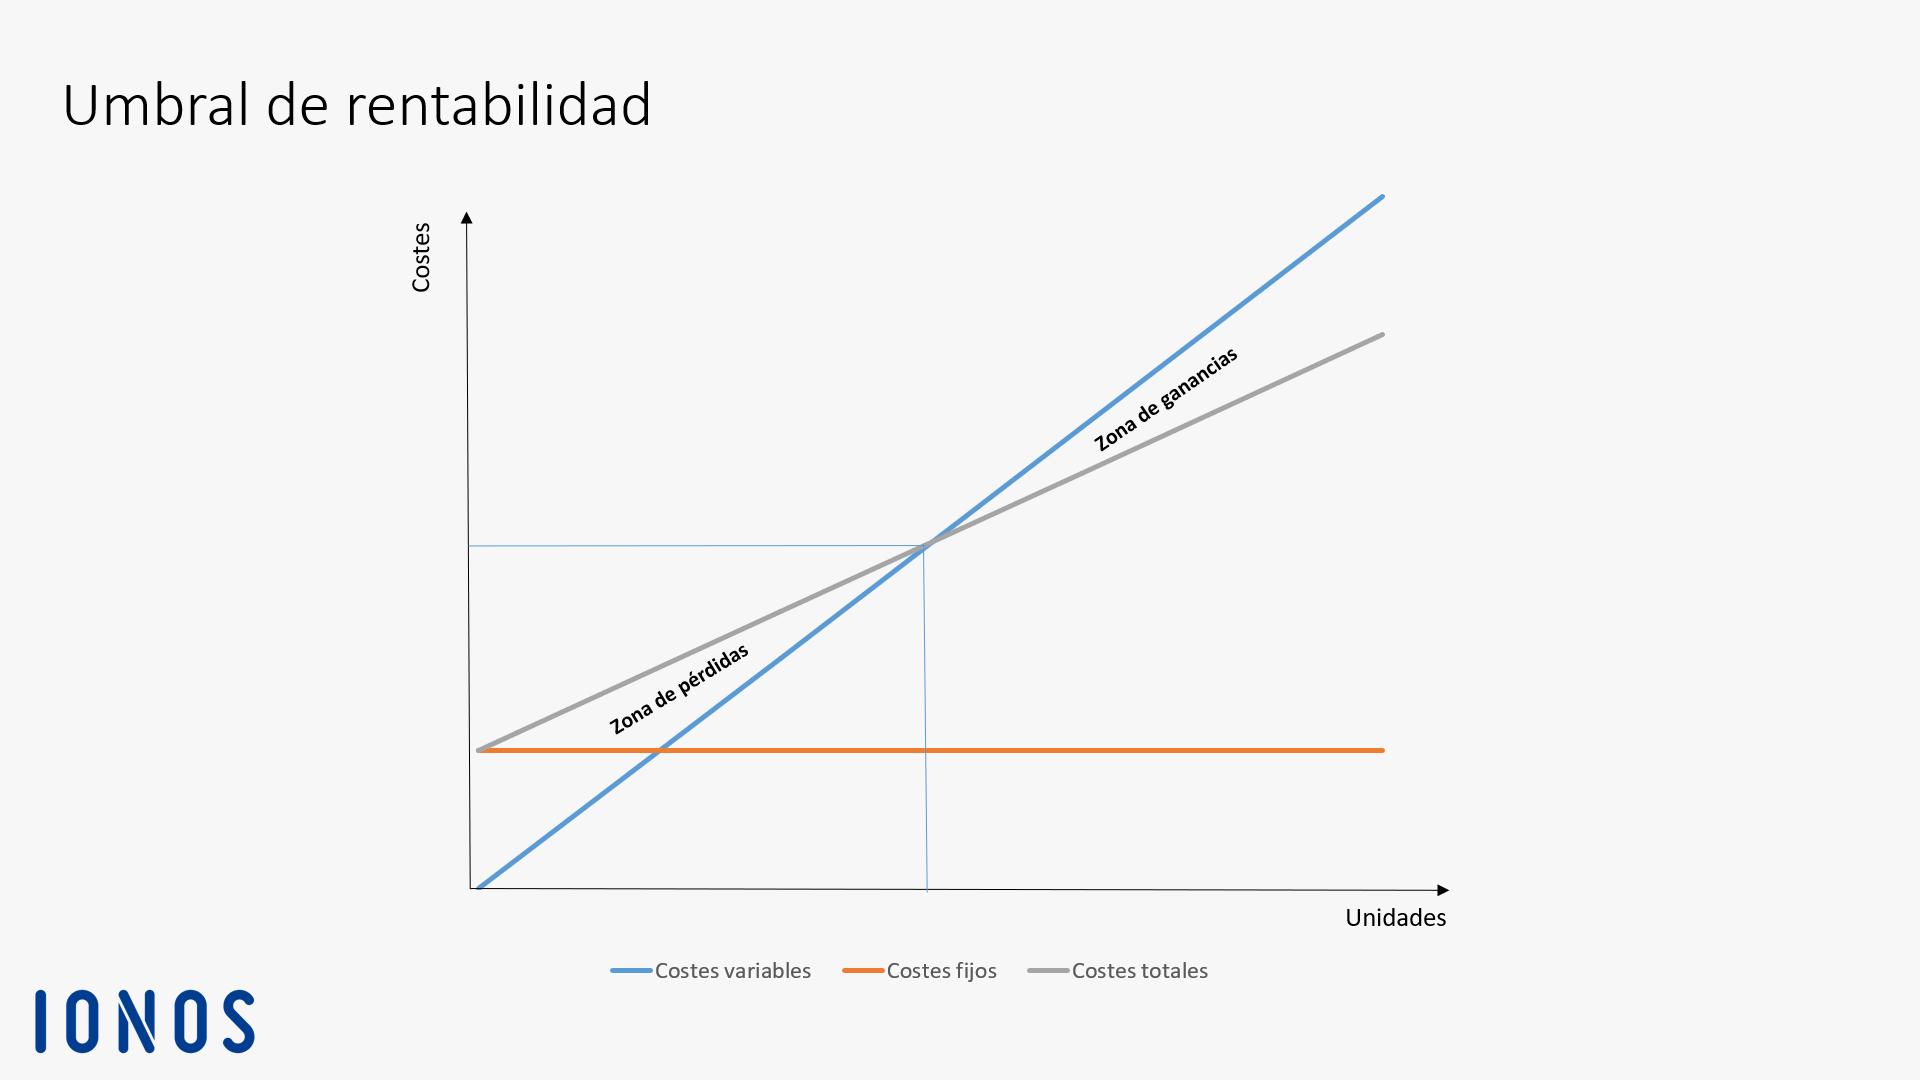 Umbral de rentabilidad | Explicación, cálculo y ejemplo práctico - IONOS